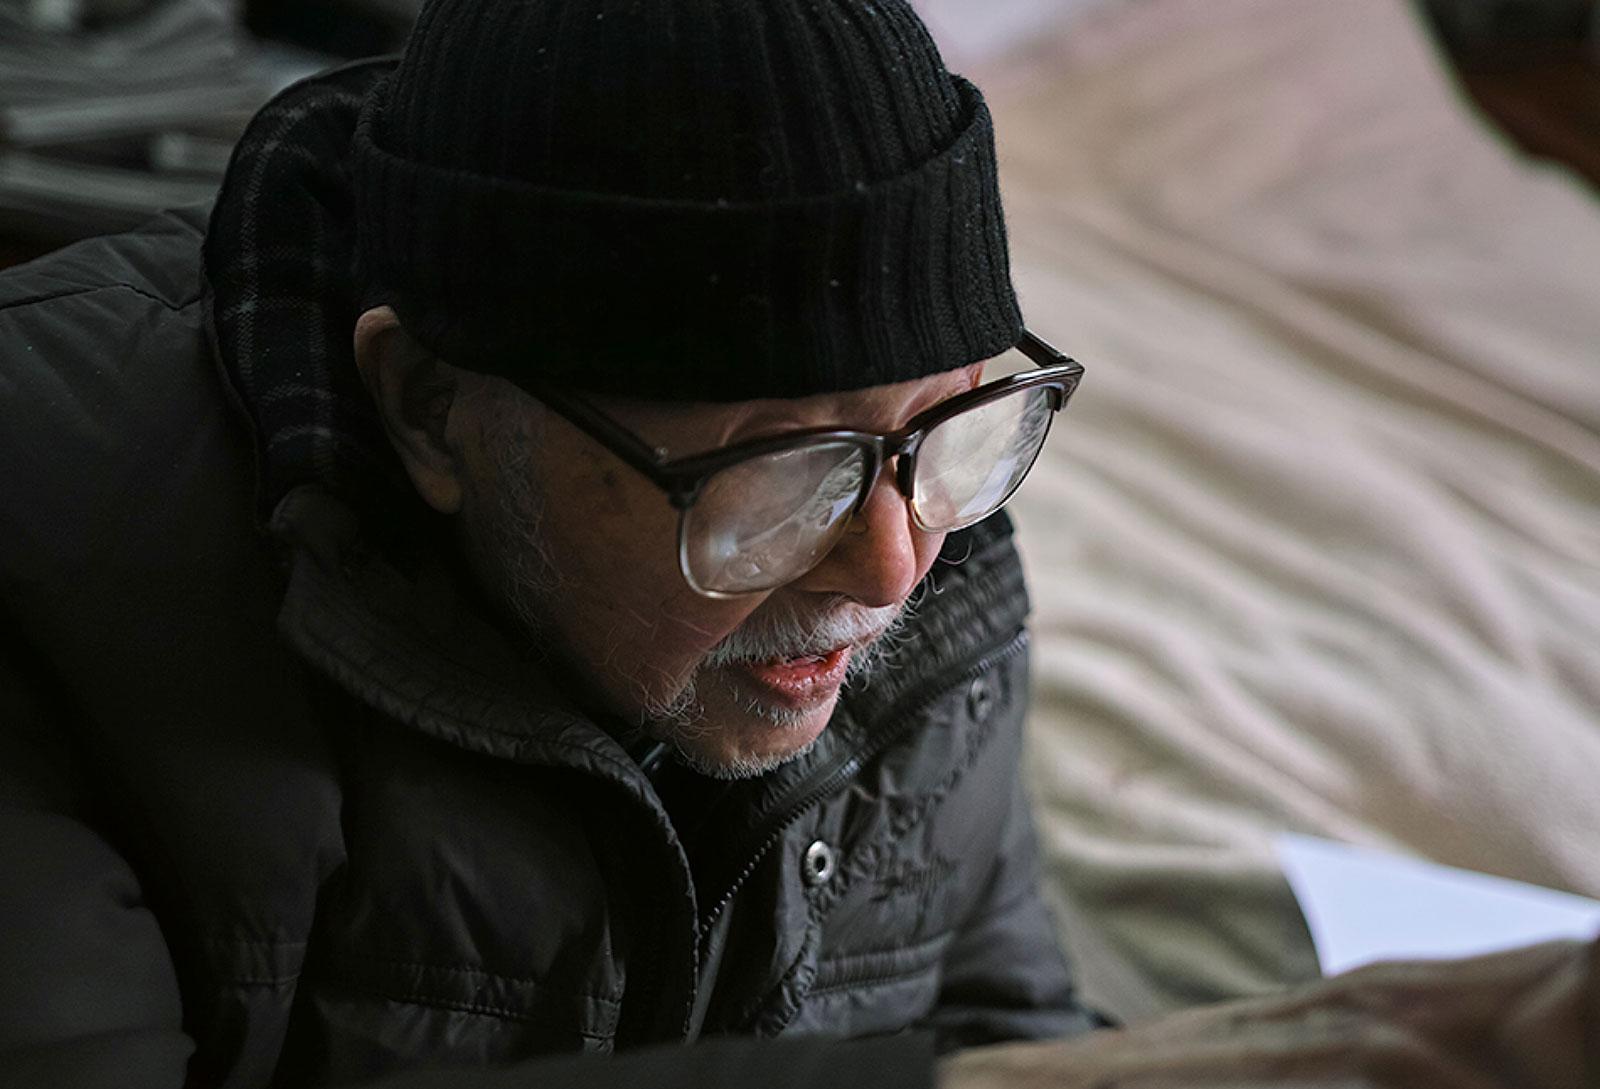 Jinchang Qiao